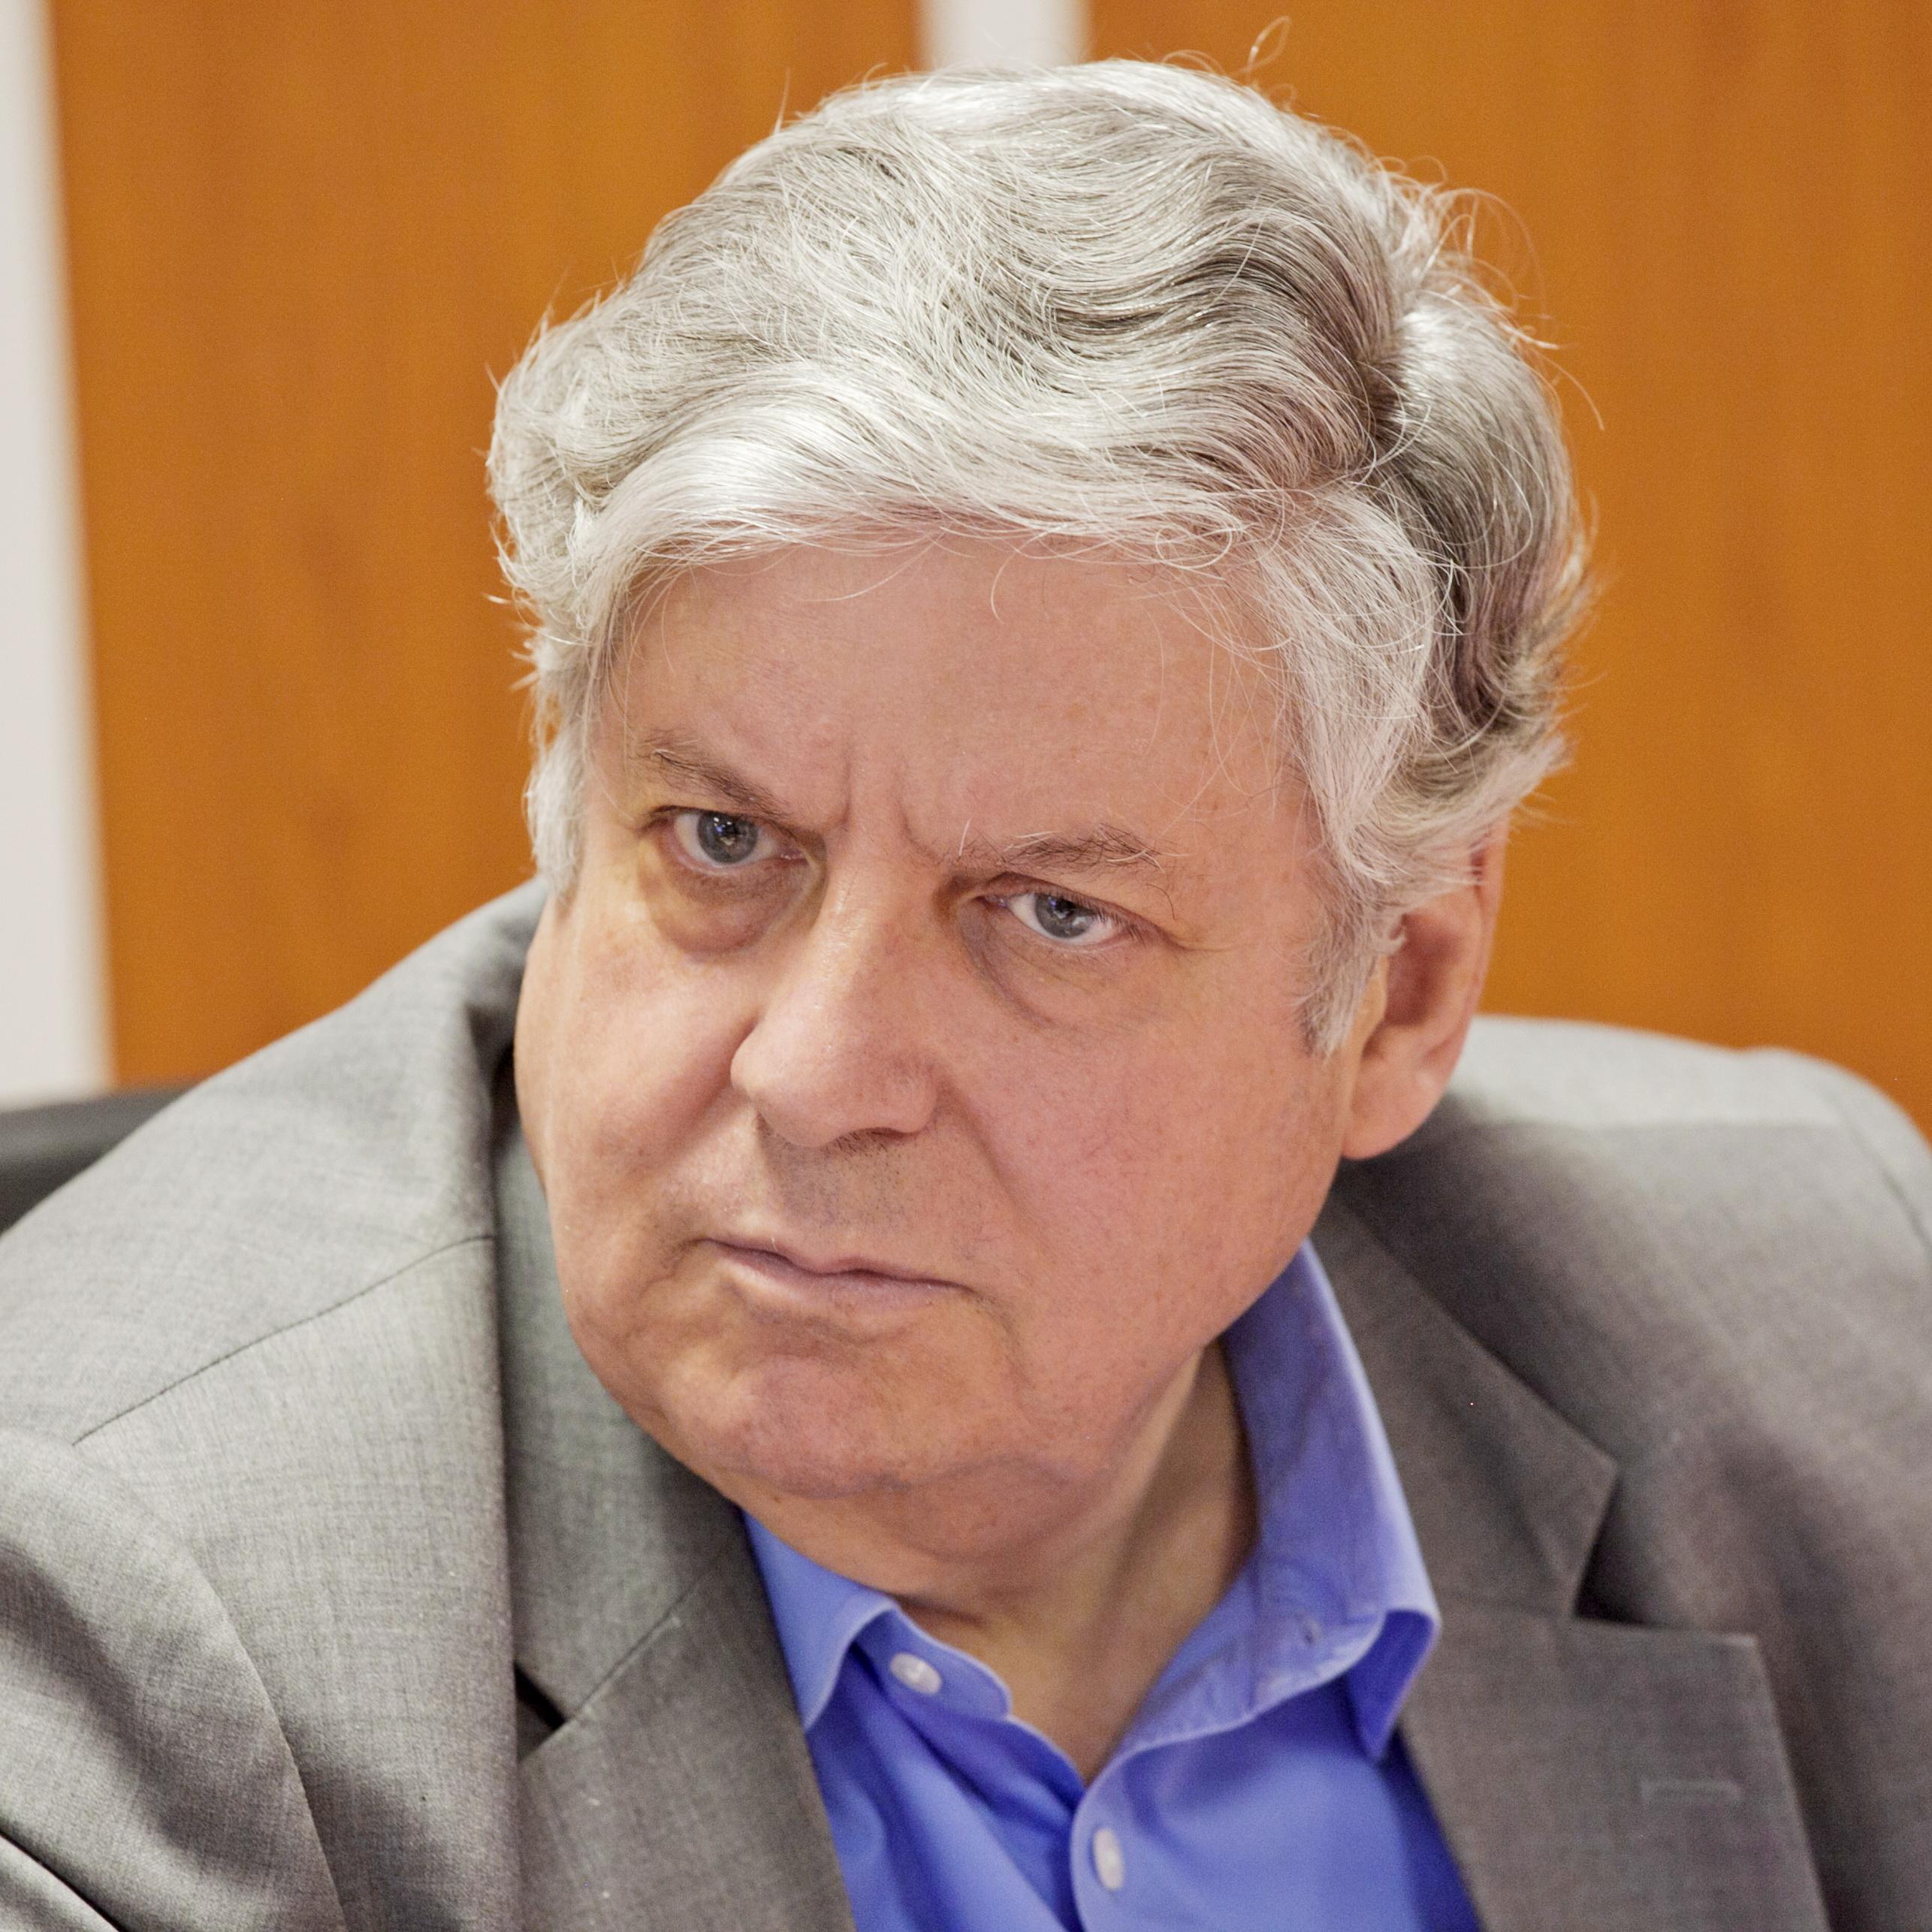 Samuel Lepastier